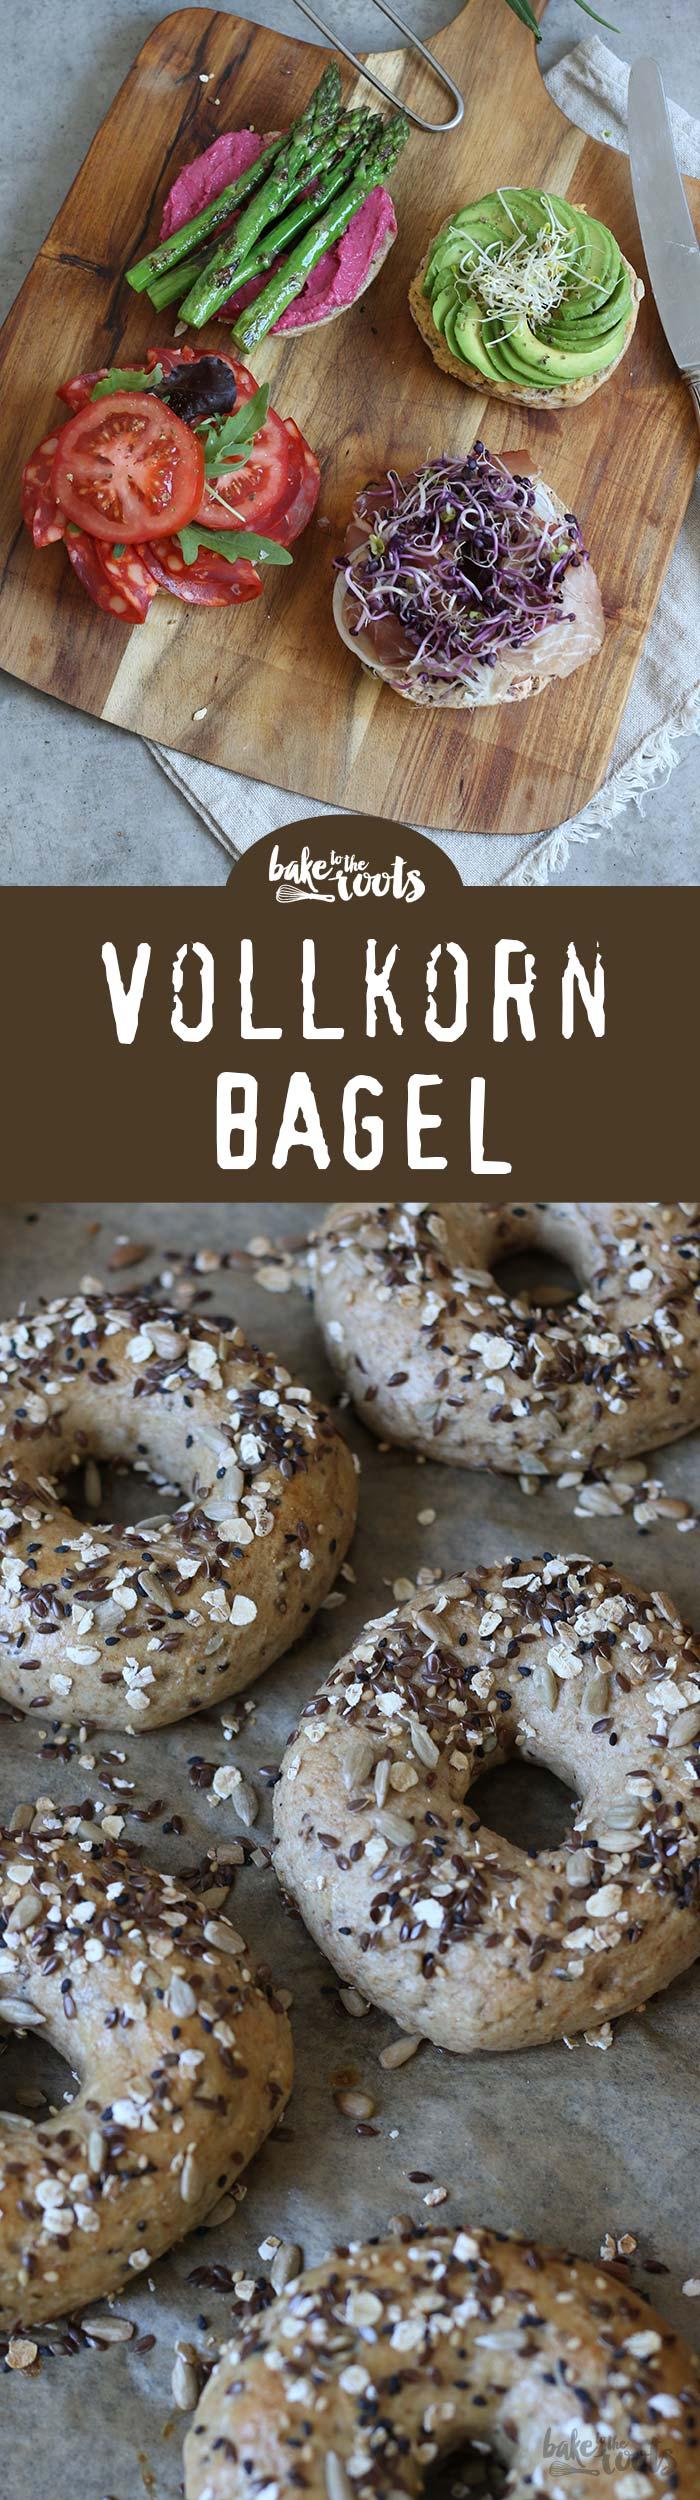 Leckere und einfach zu machende Vollkorn Bagel | Bake to the roots